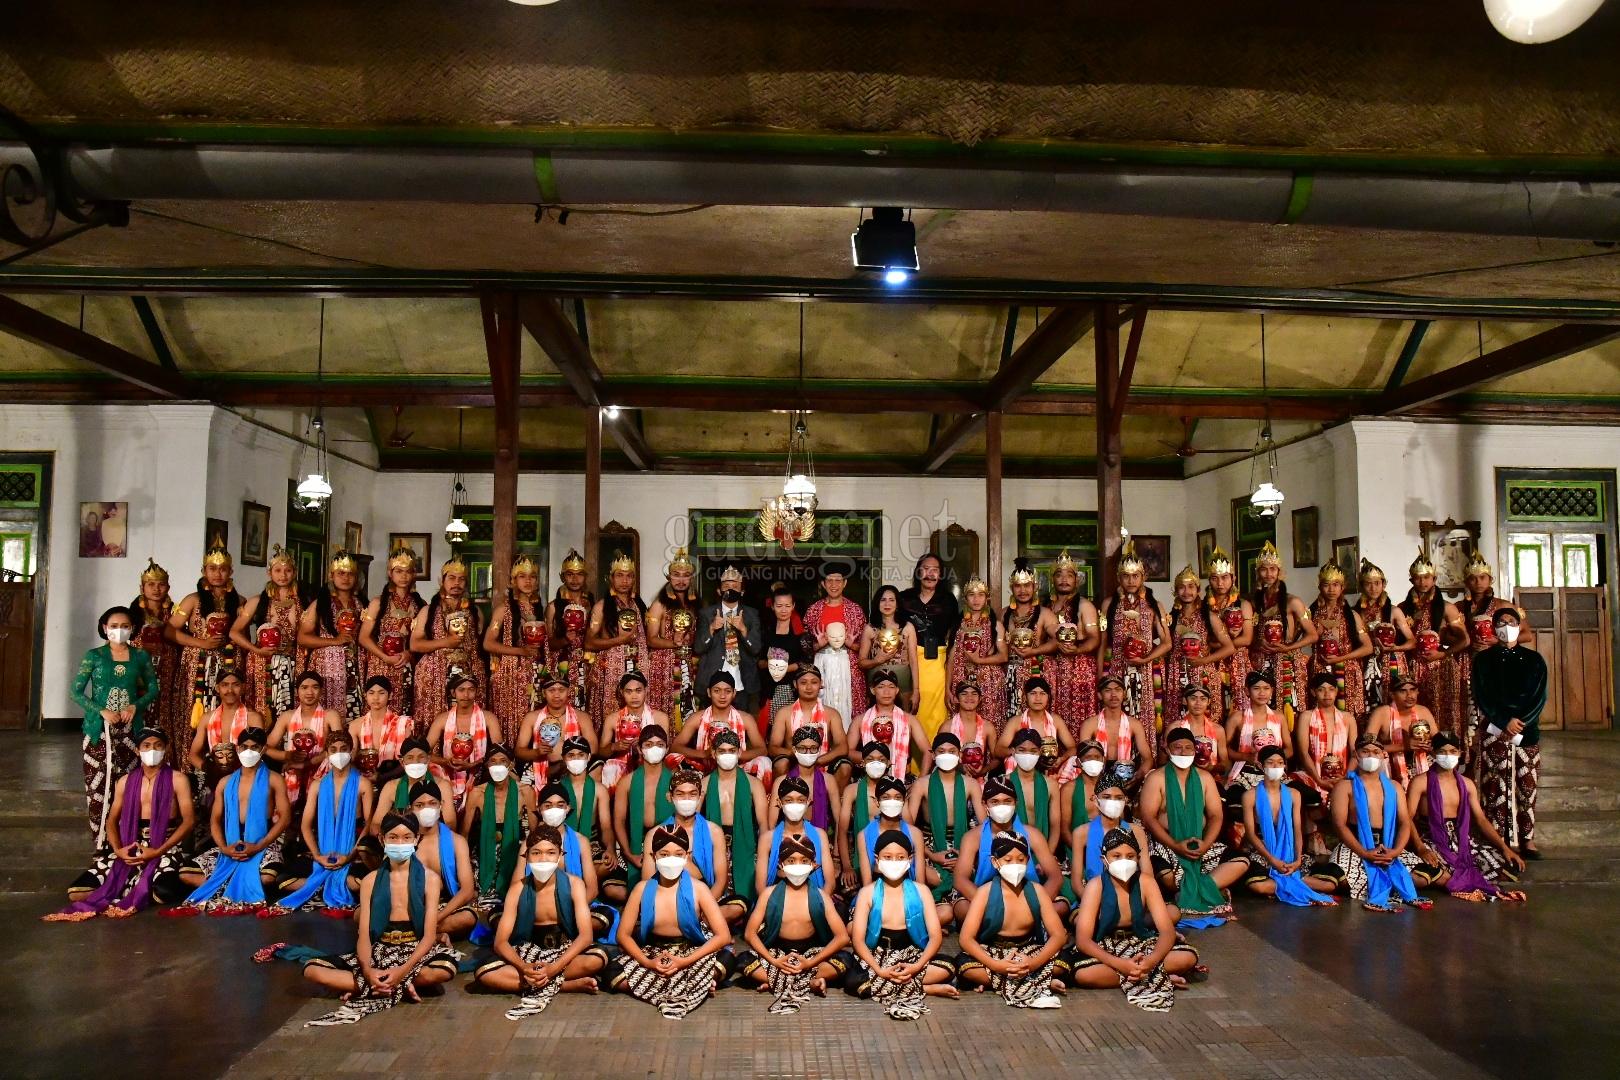 Peringatan Hari Tari di Yogya Dimeriahkan Lebih dari 70 Penari dan Maestro Tari